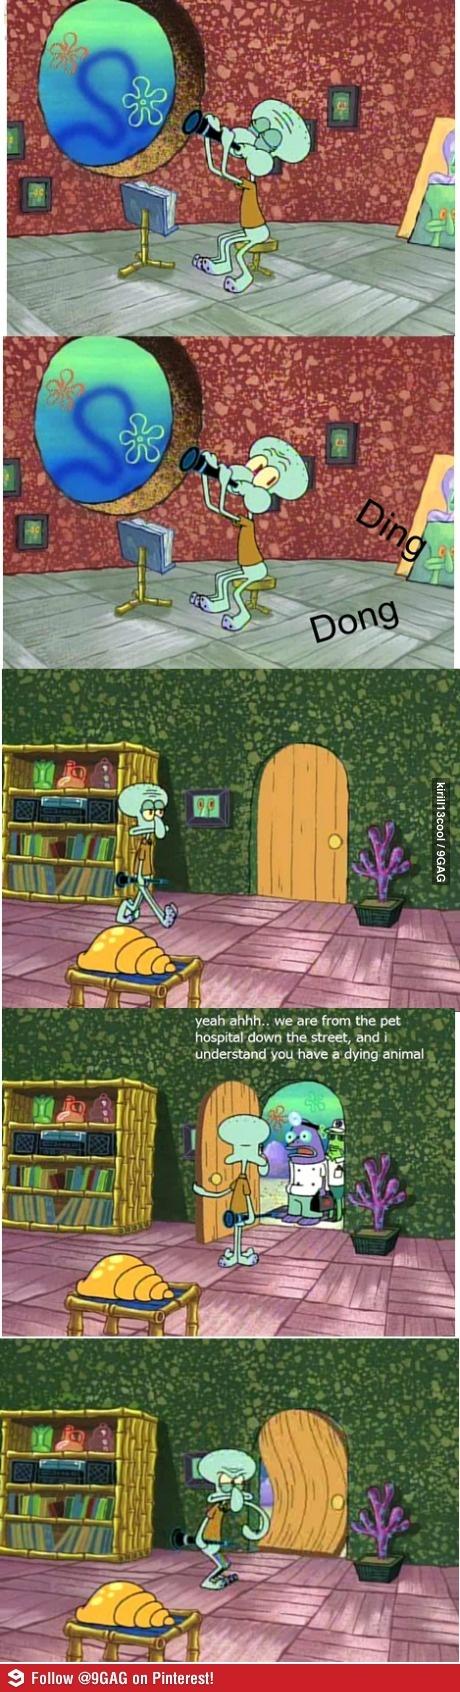 That good humor in SpongeBob